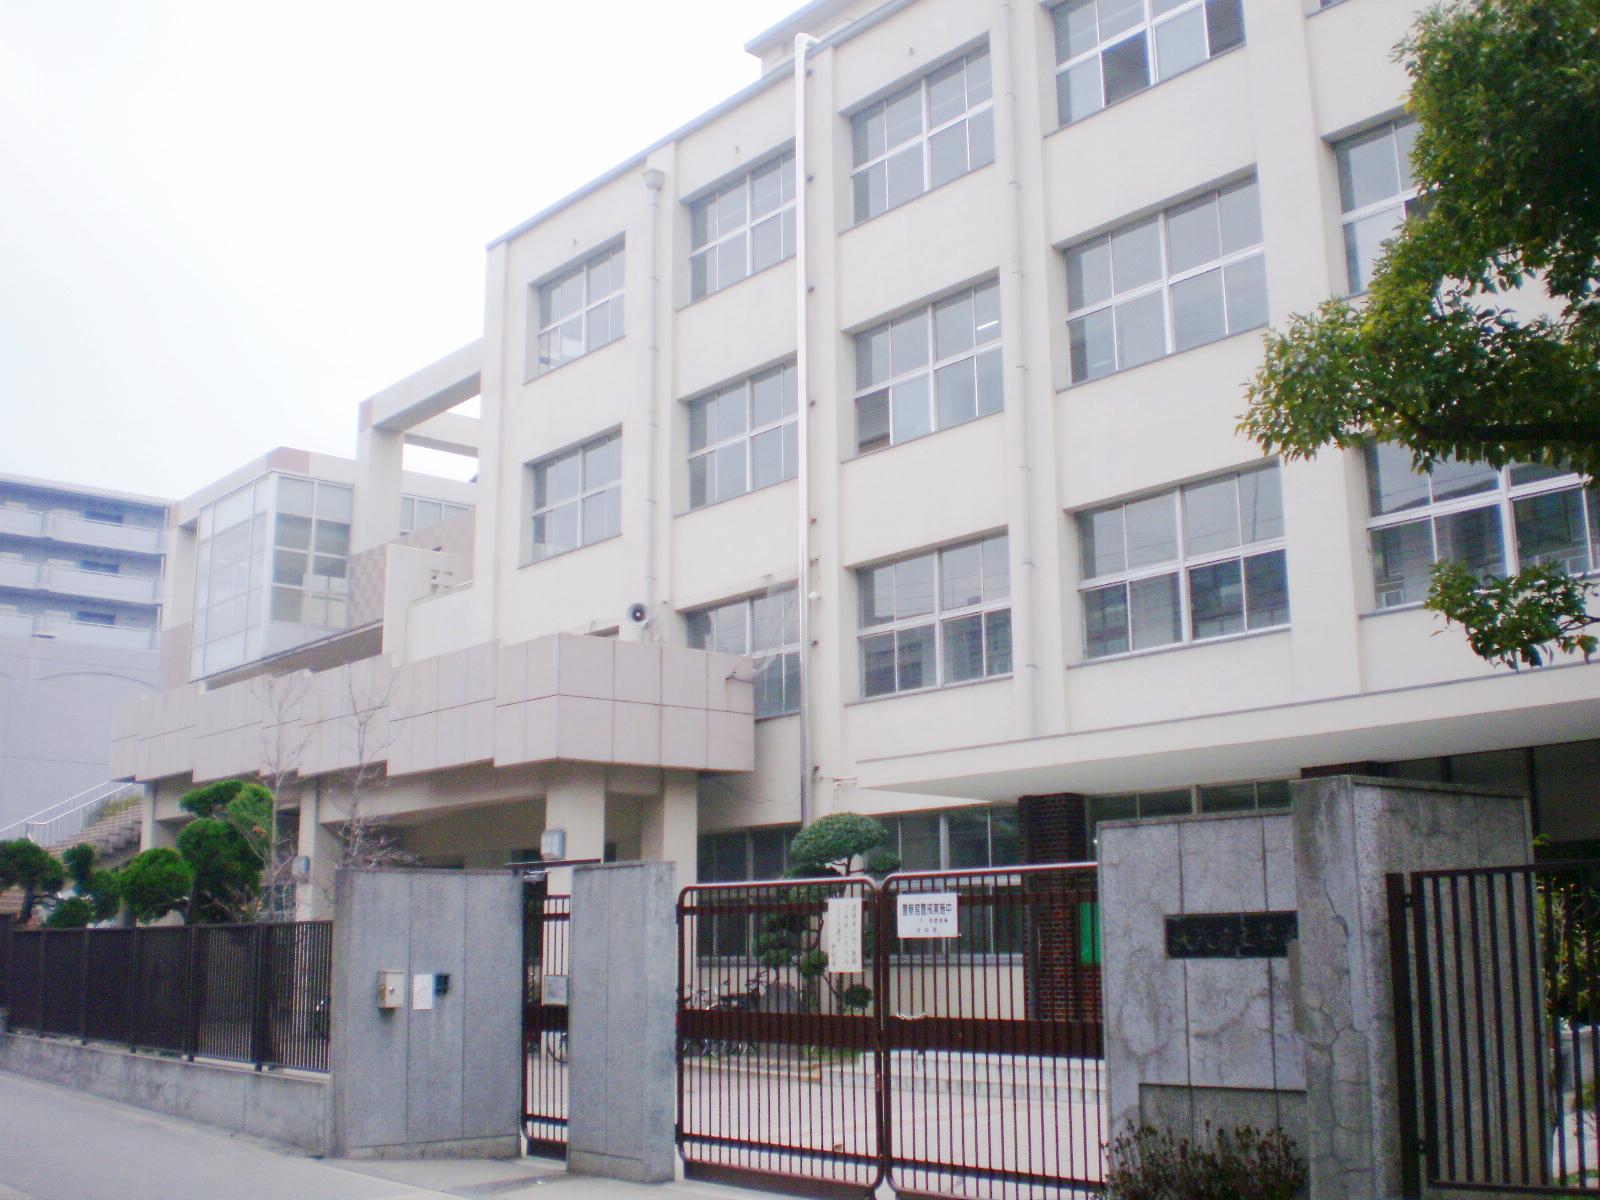 中学校 大阪市立喜連中学校(中学校)まで523m